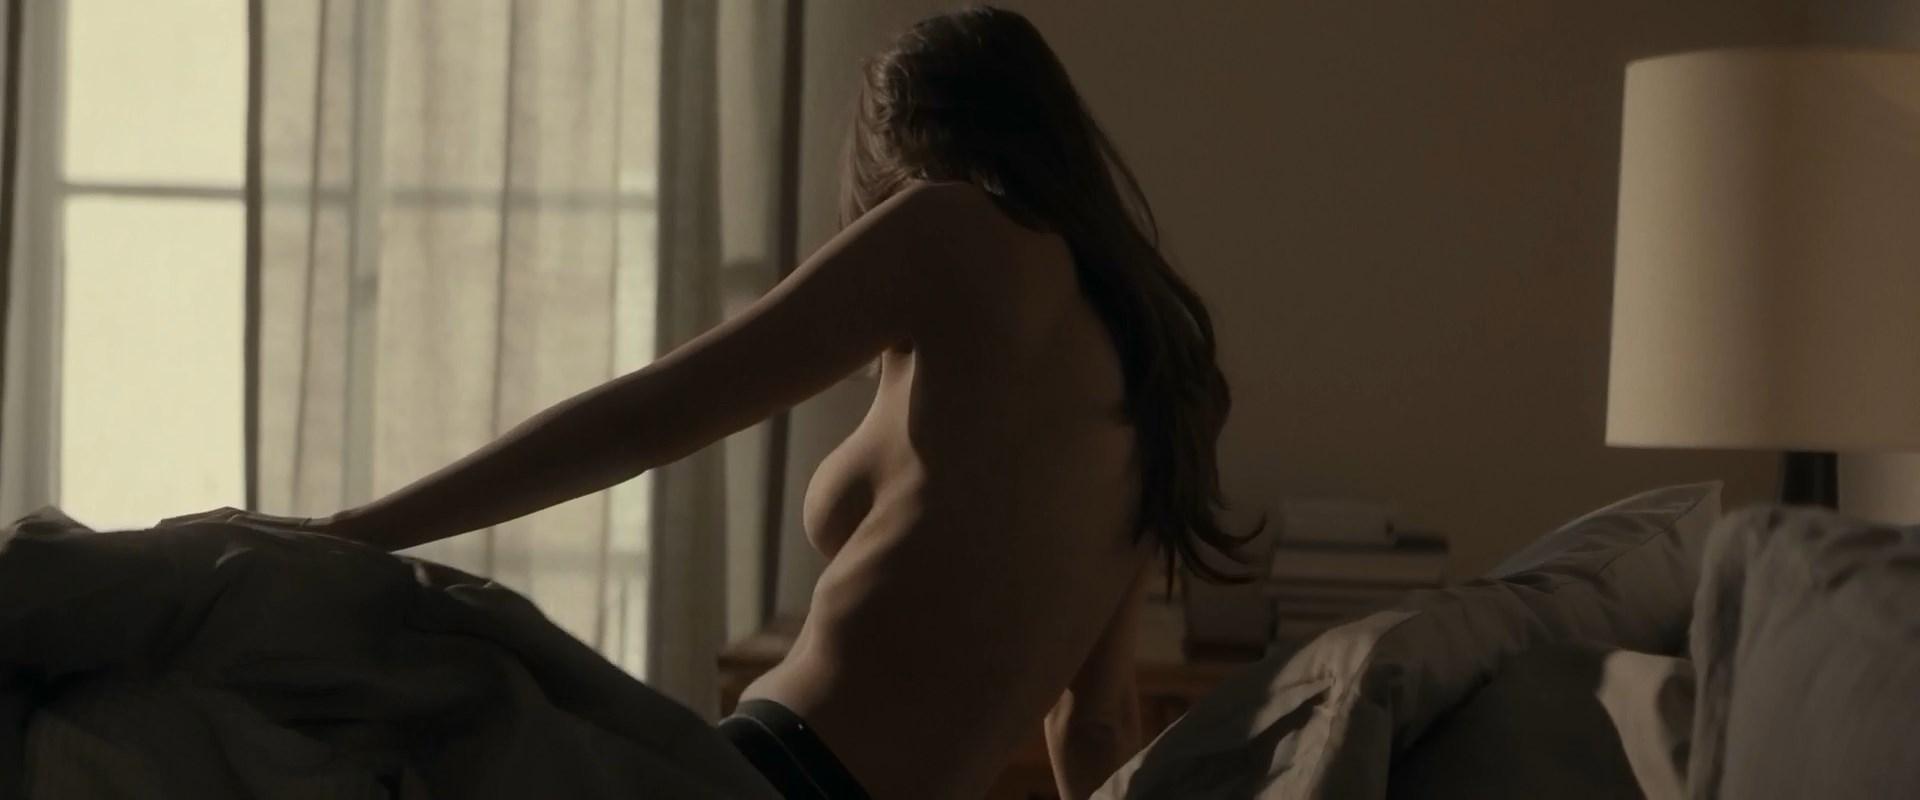 Emily Ratajkowski Nude Sex photo 28